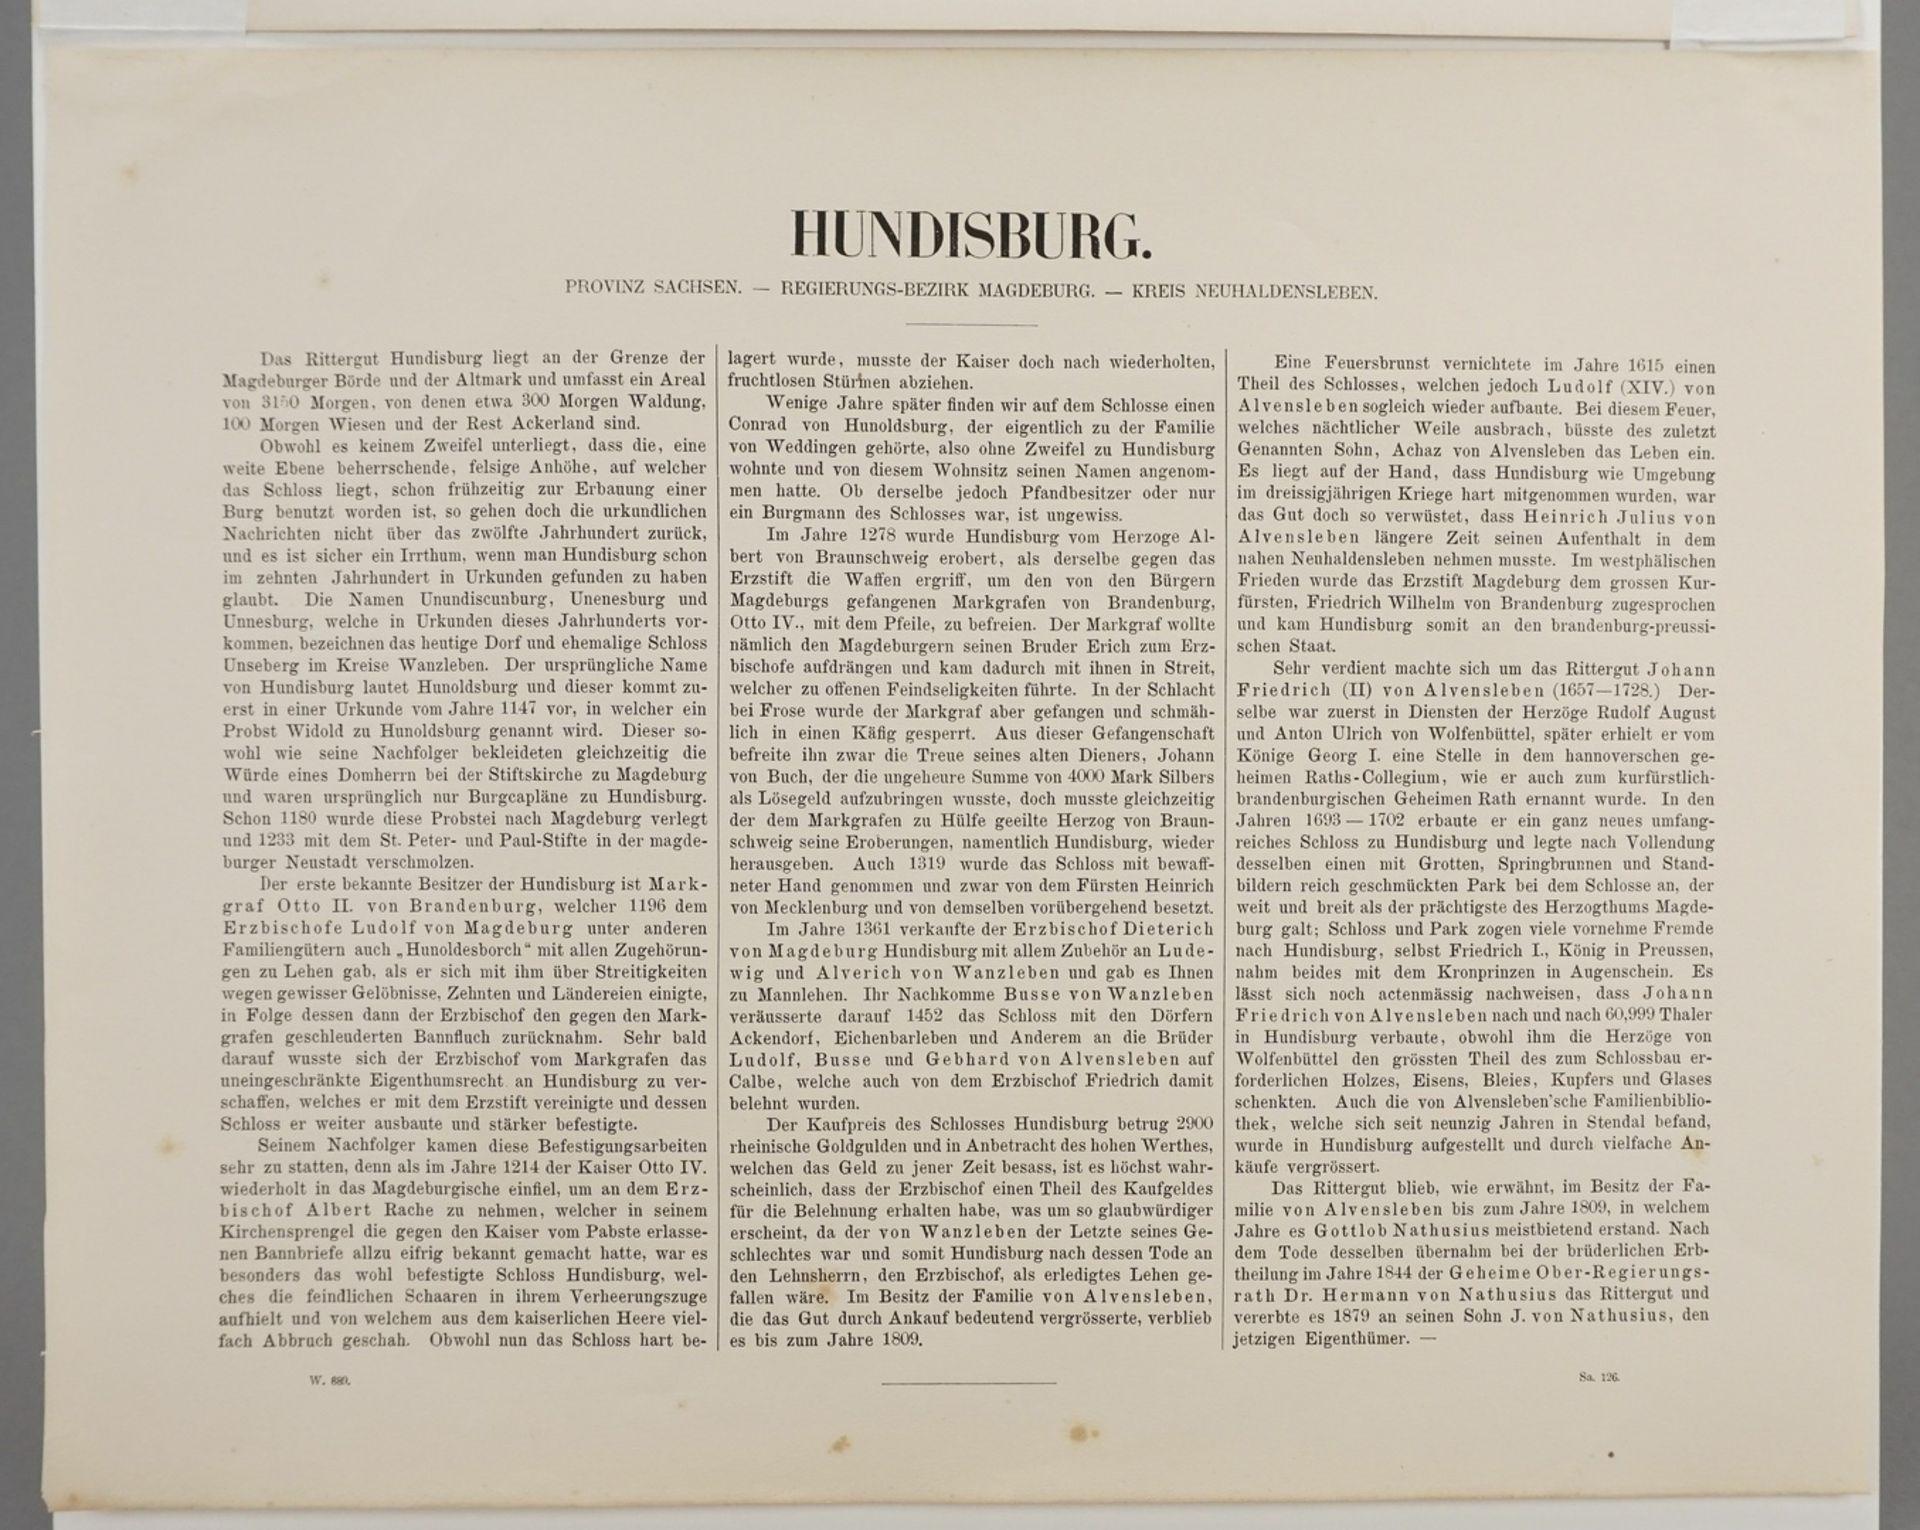 Hundisburg - Bild 4 aus 4